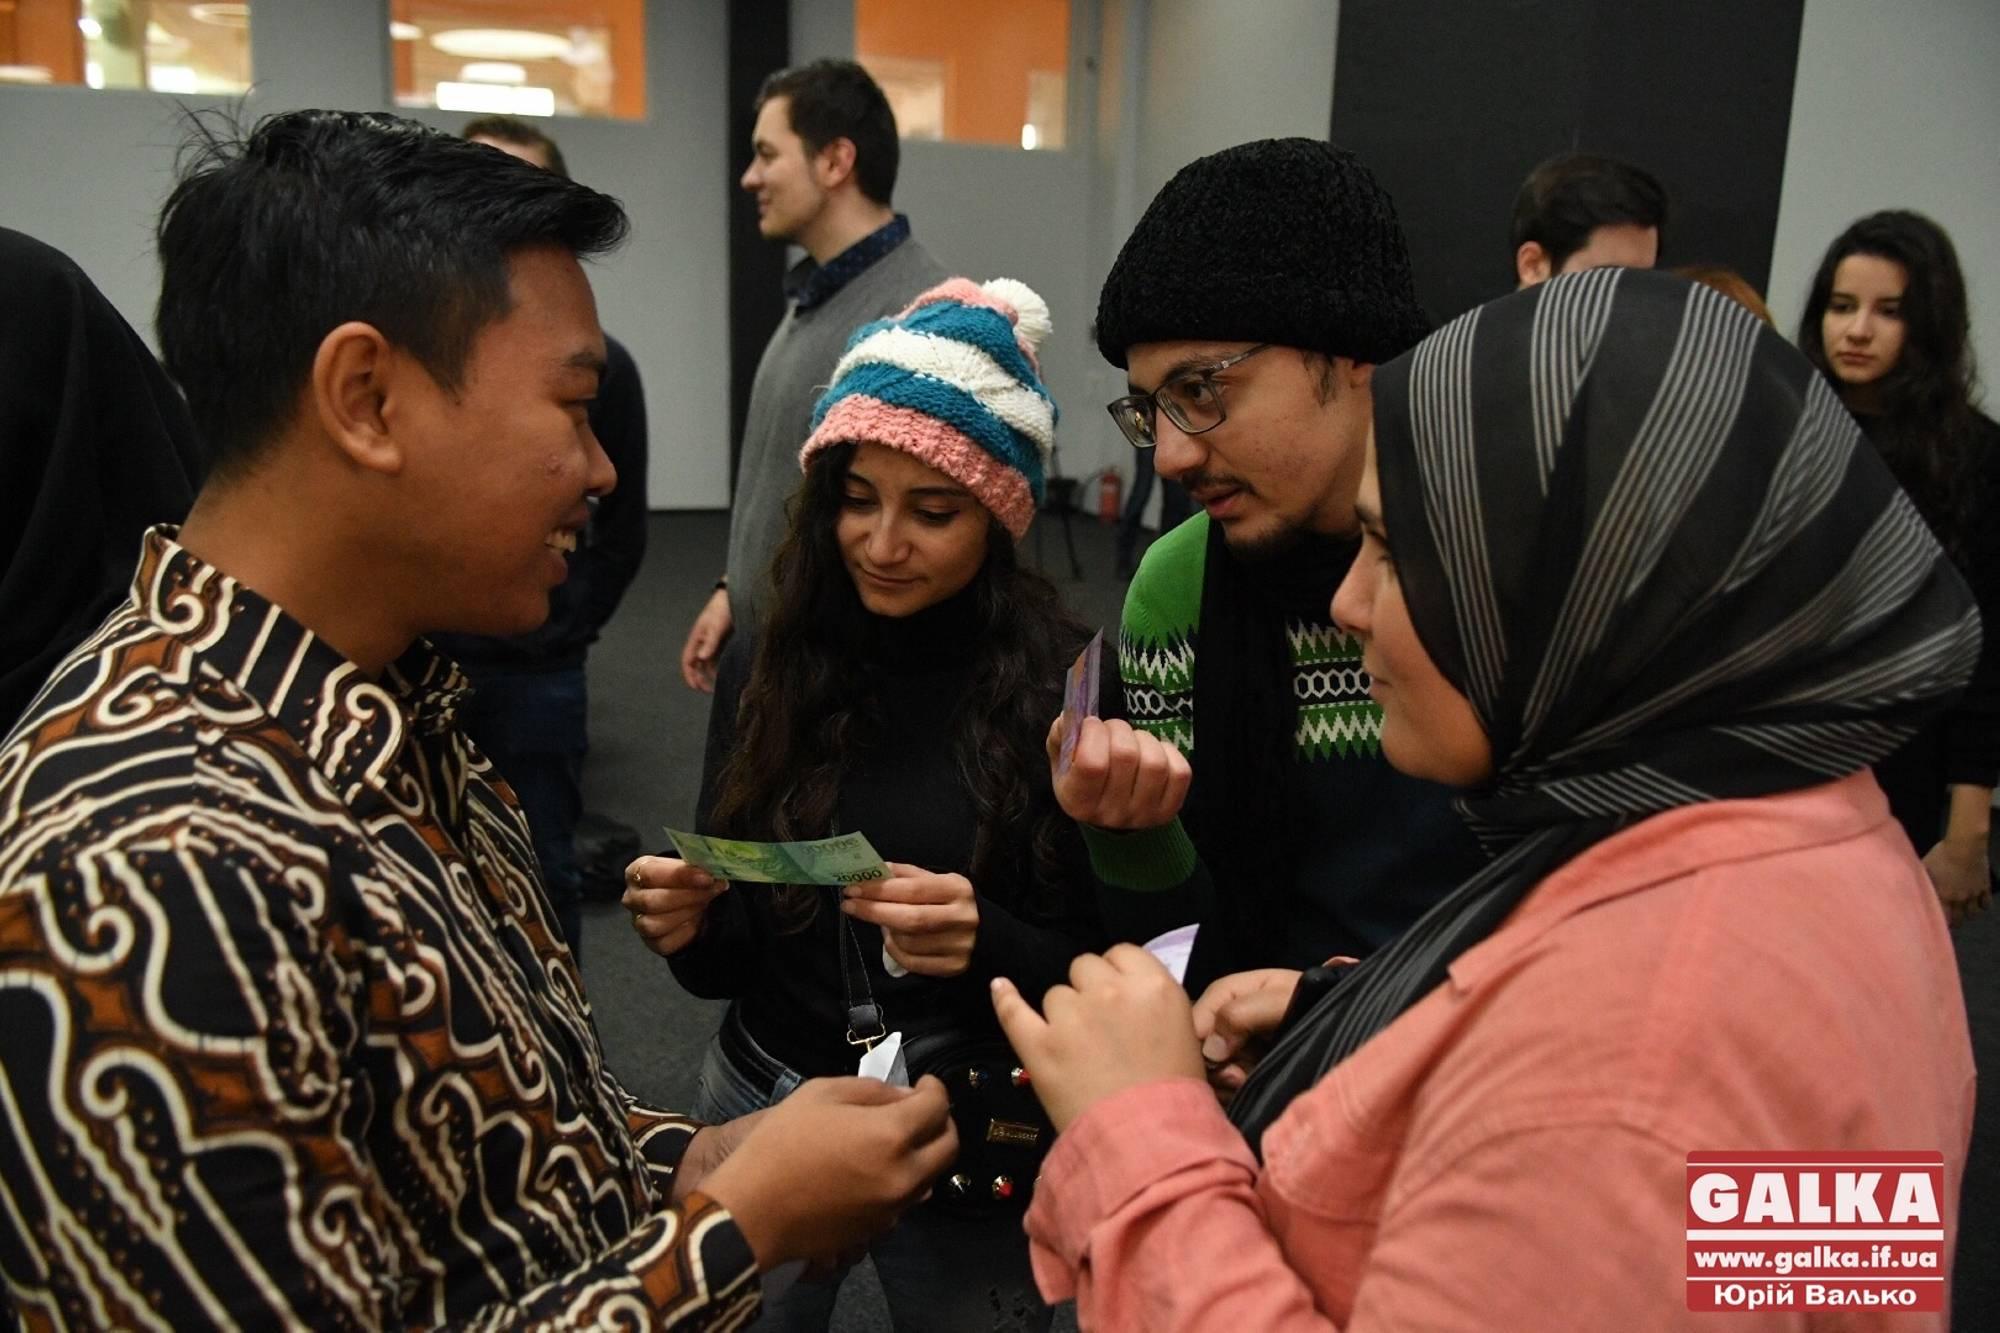 Як у Франківську охочих знайомили з культурами Індонезії, Єгипту, Алжиру й Пакистану (ФОТОРЕПОРТАЖ)